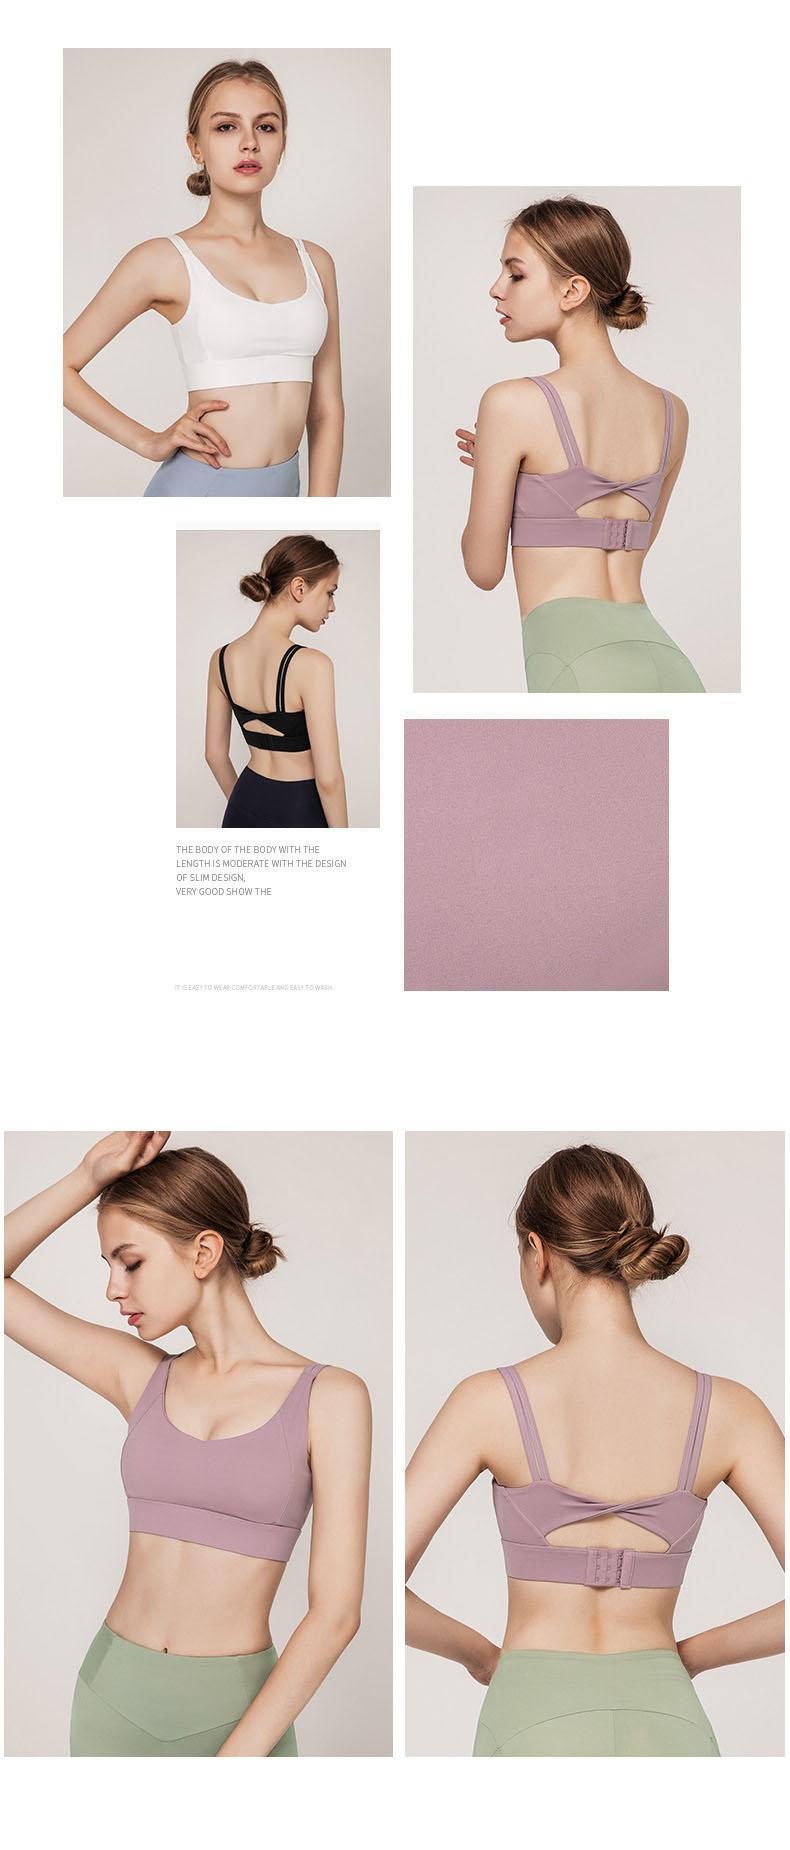 Áo Bra thể thao nữ, áo tập Gym Yoga mềm mịn, có đệm, kiểu áo lót mỏng mã WX-042 17